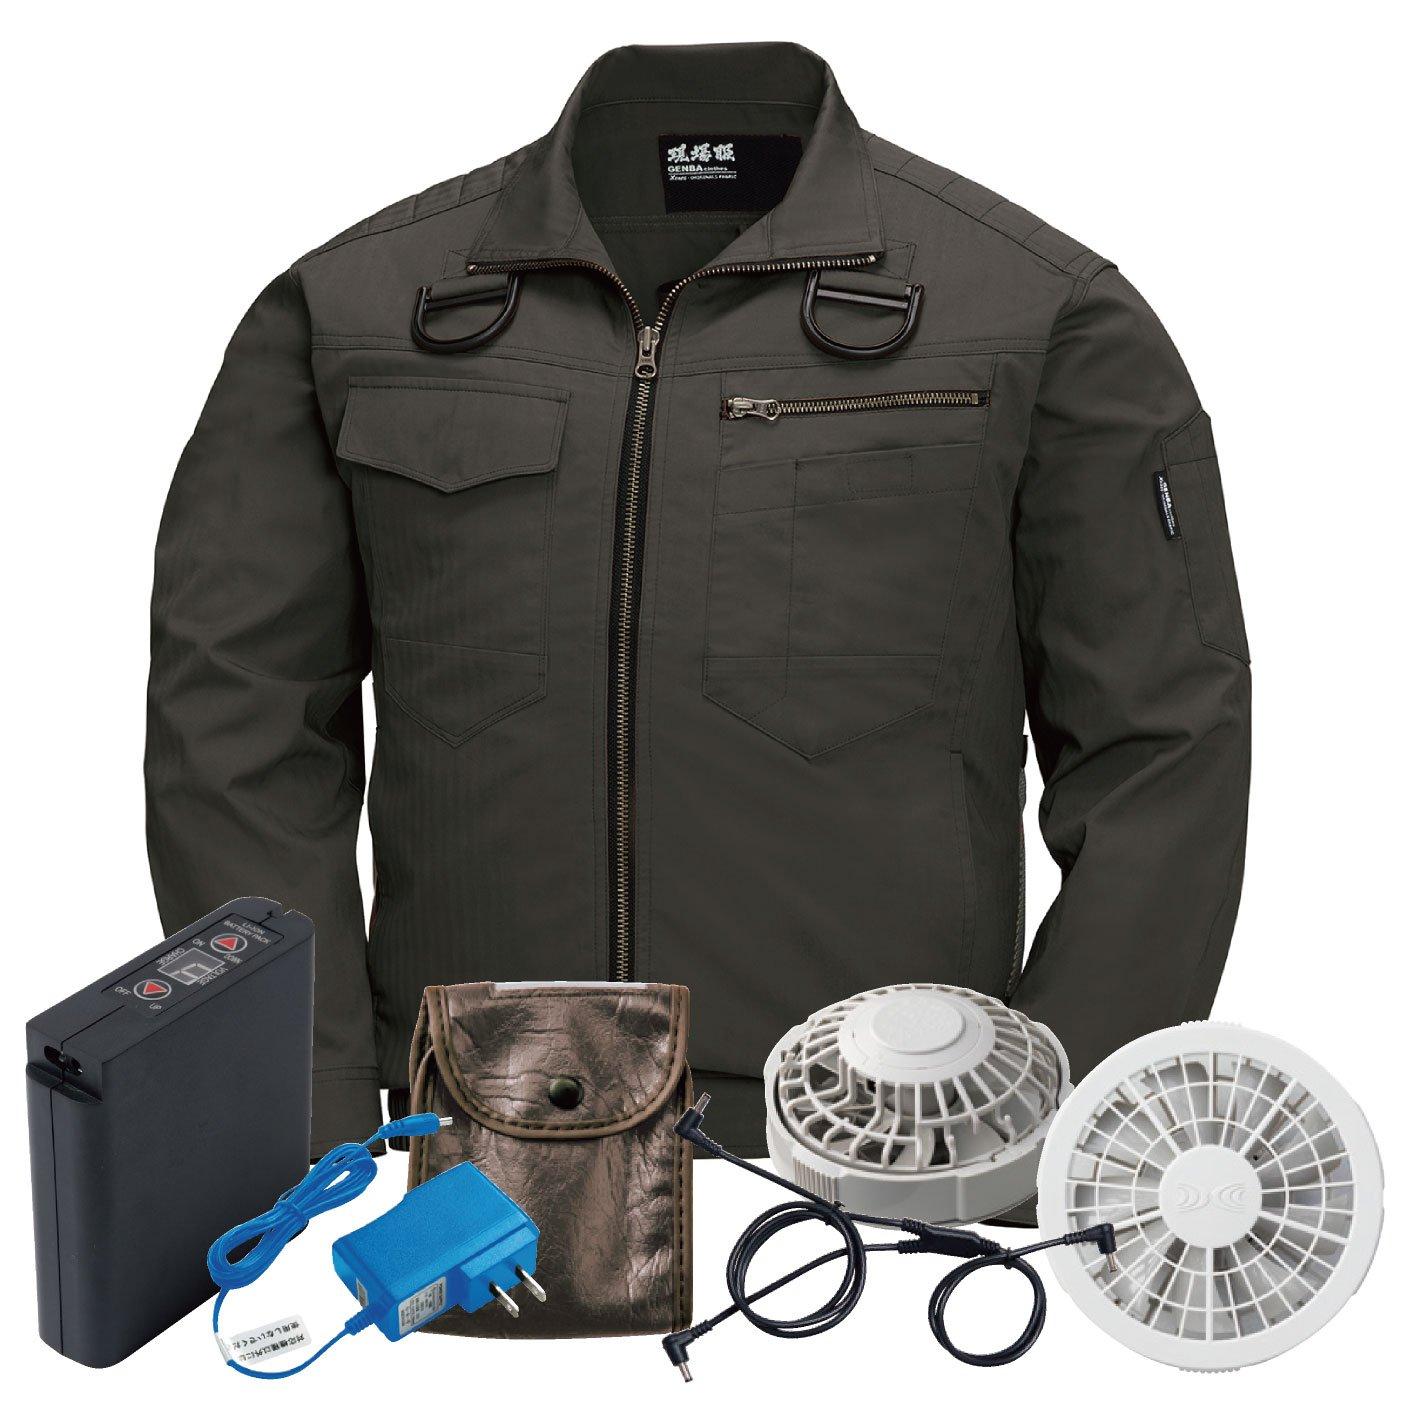 XEBEC(ジーベック) 空調服 長袖ブルゾン ジーベック XEBEC ハーネス対応 空調服セット おしゃれ メンズ 作業服 xb-xe98102-l 【空調服+ファンバッテリーセット】 B07D555MJ6 L|アーミーグリーン/グレーファン アーミーグリーン/グレーファン L